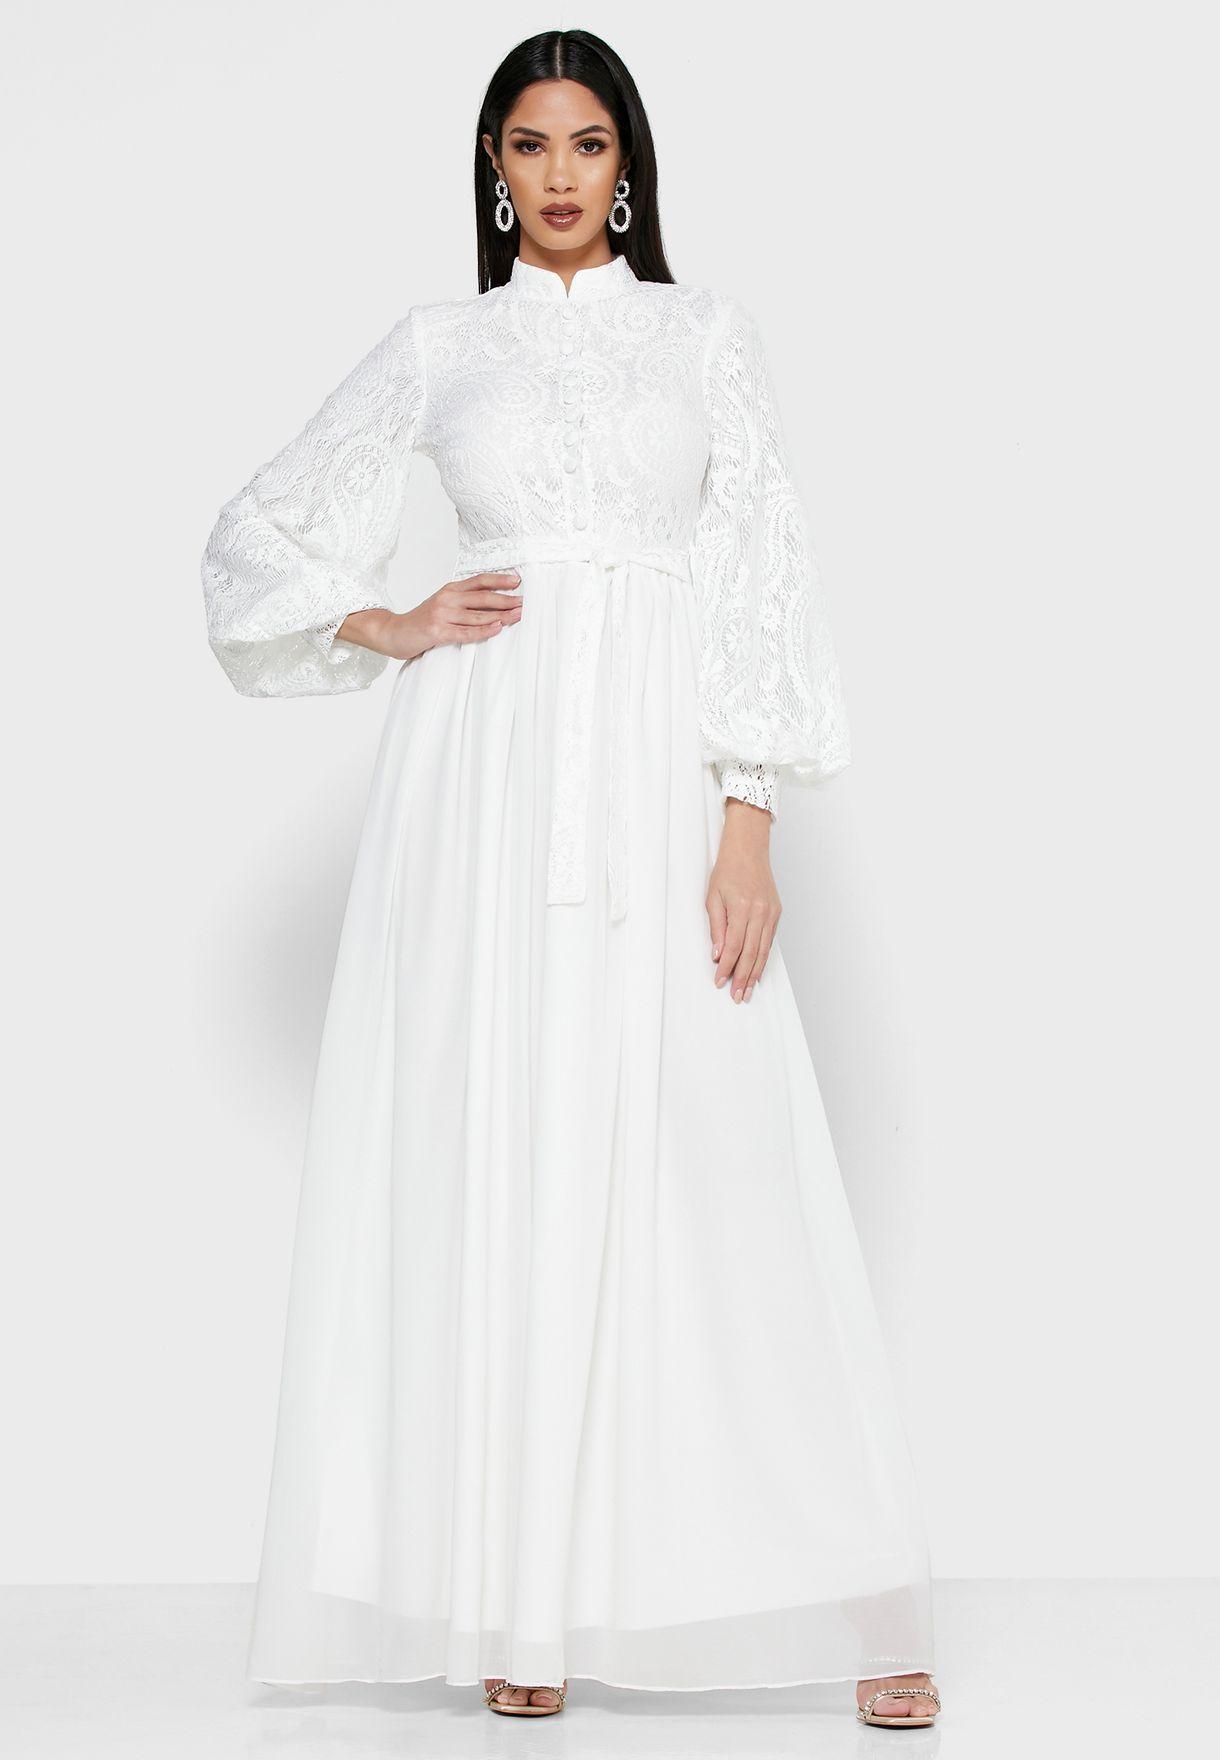 فستان مكسي بأربطة واجزاء دانتيل